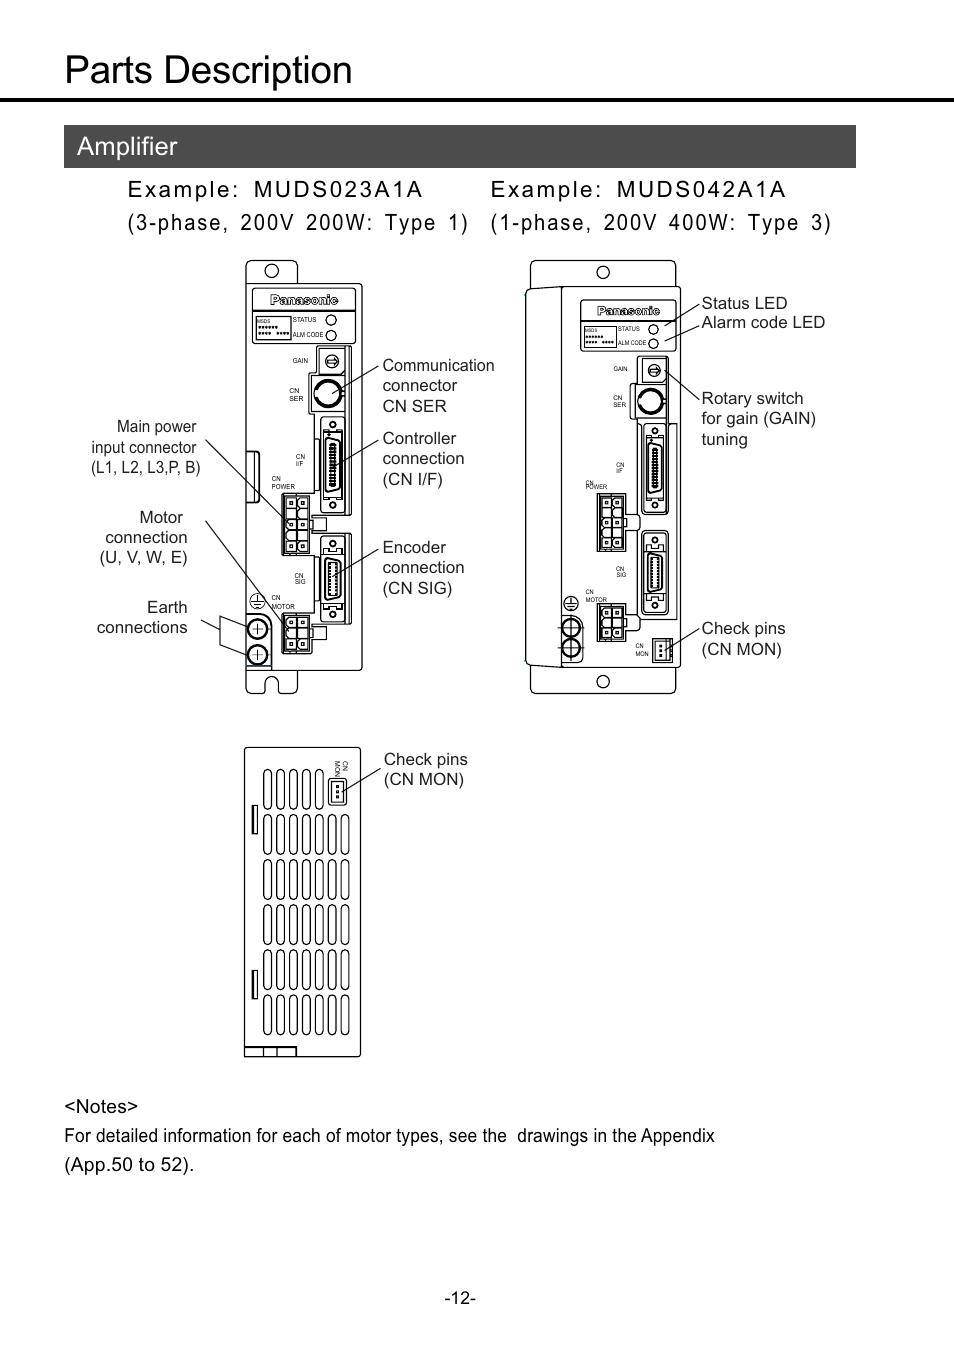 Parts description, Amplifier, Parts description